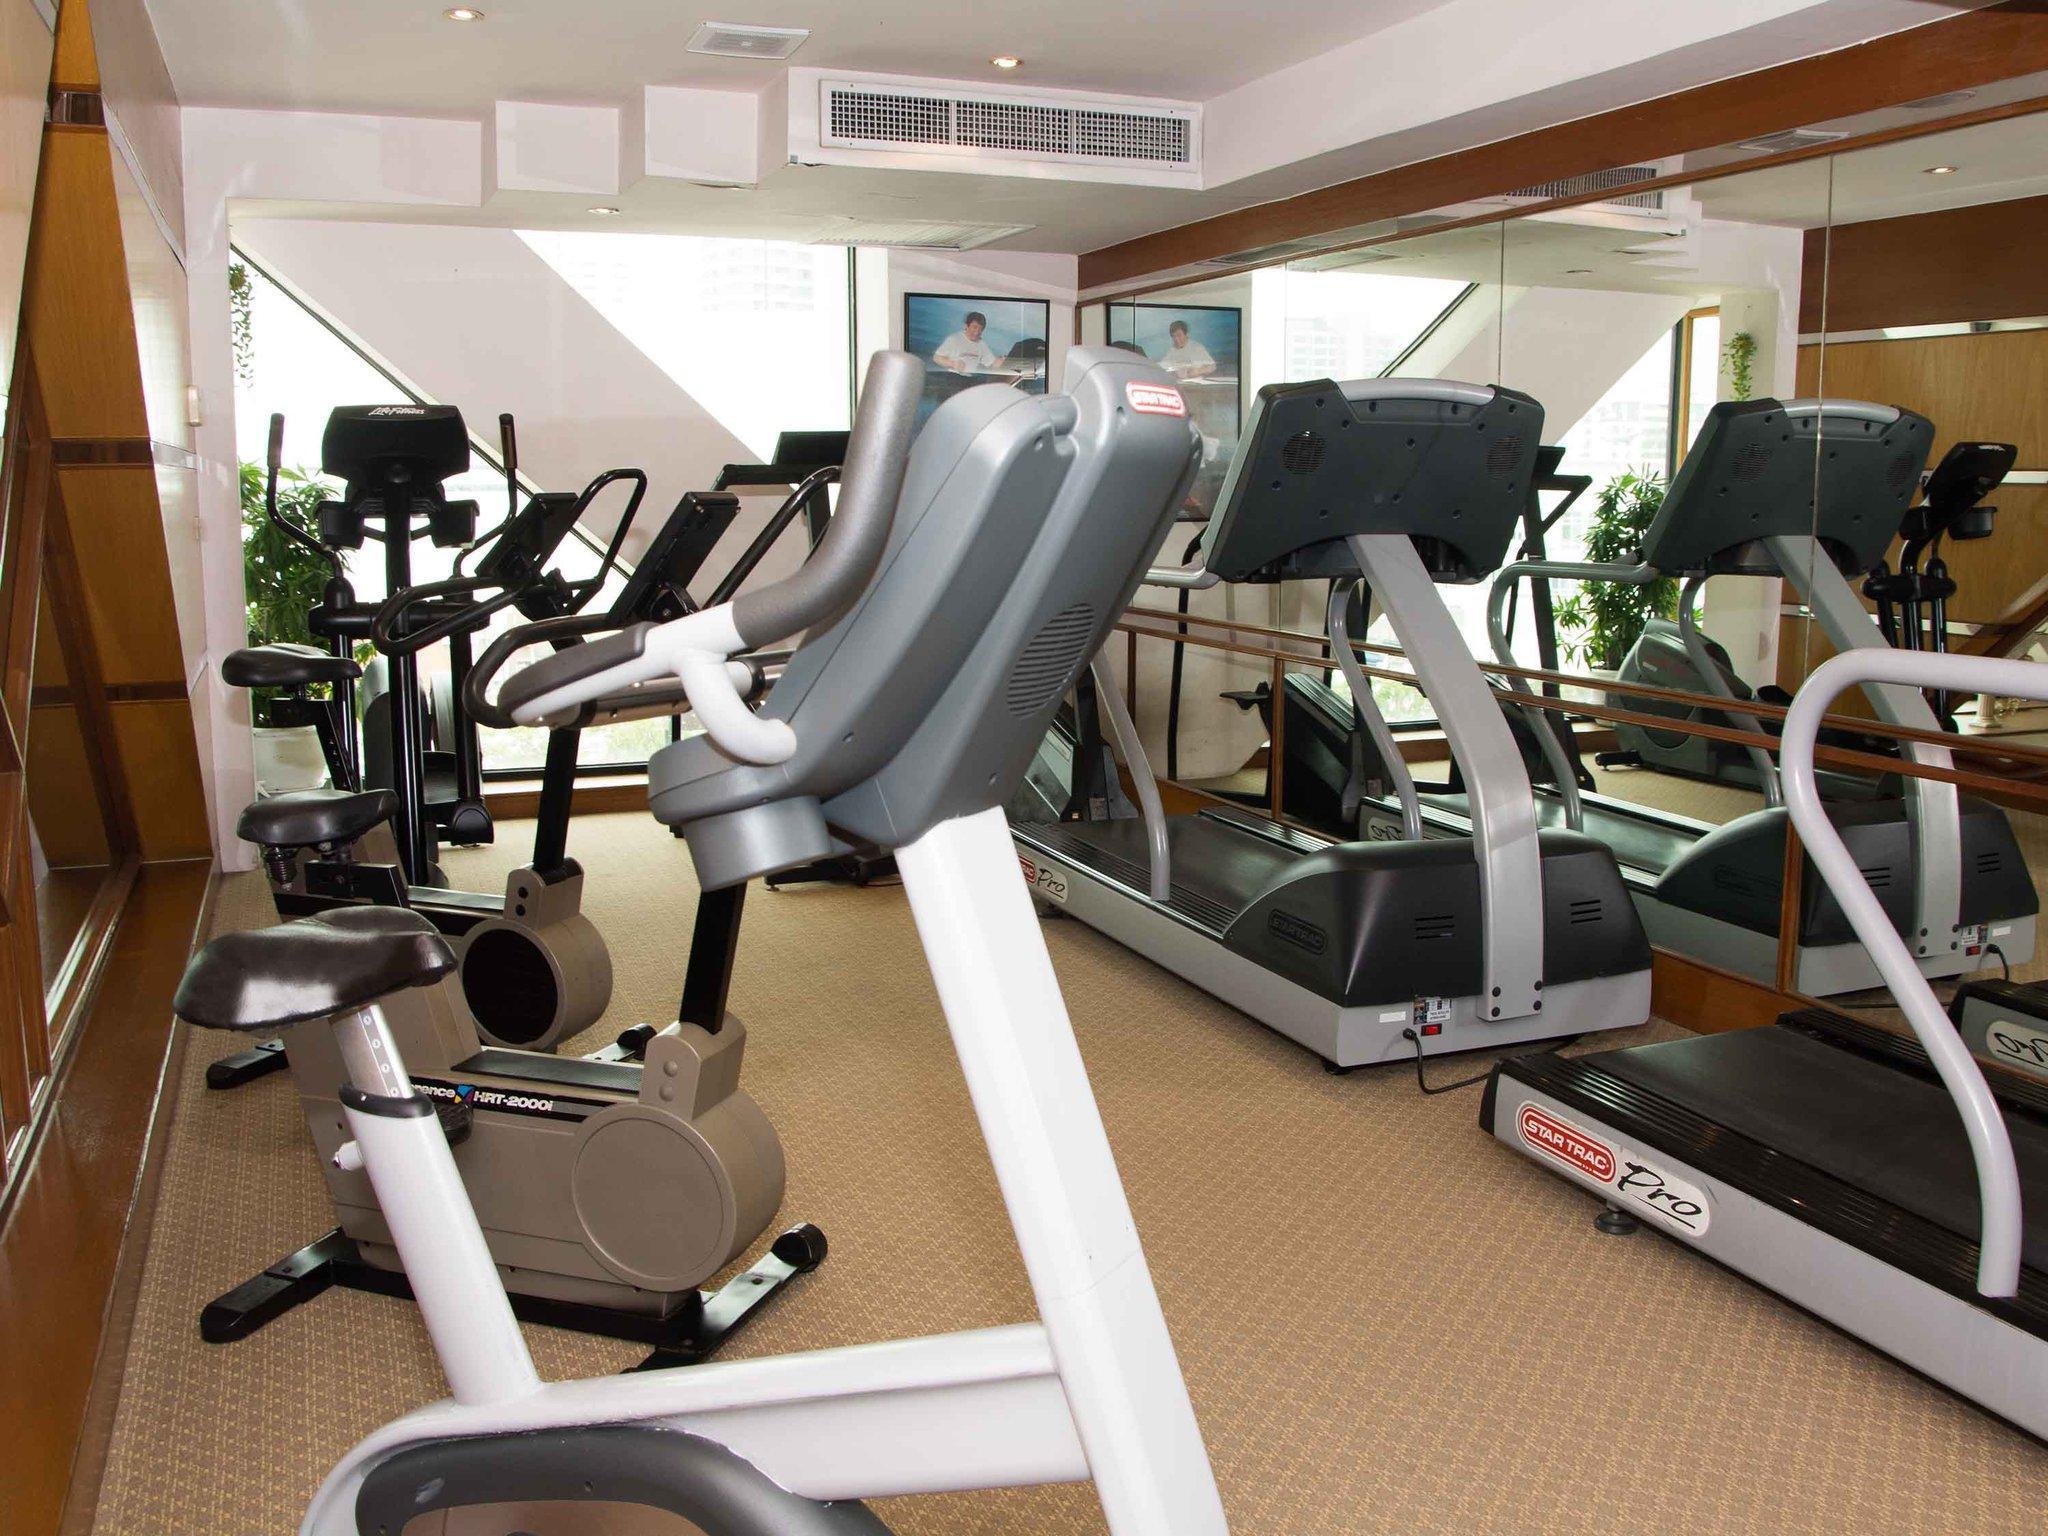 โรงแรมโลตัส สุขุมวิท กรุงเทพฯ - บริหารโดยแอคคอร์โฮเต็ล